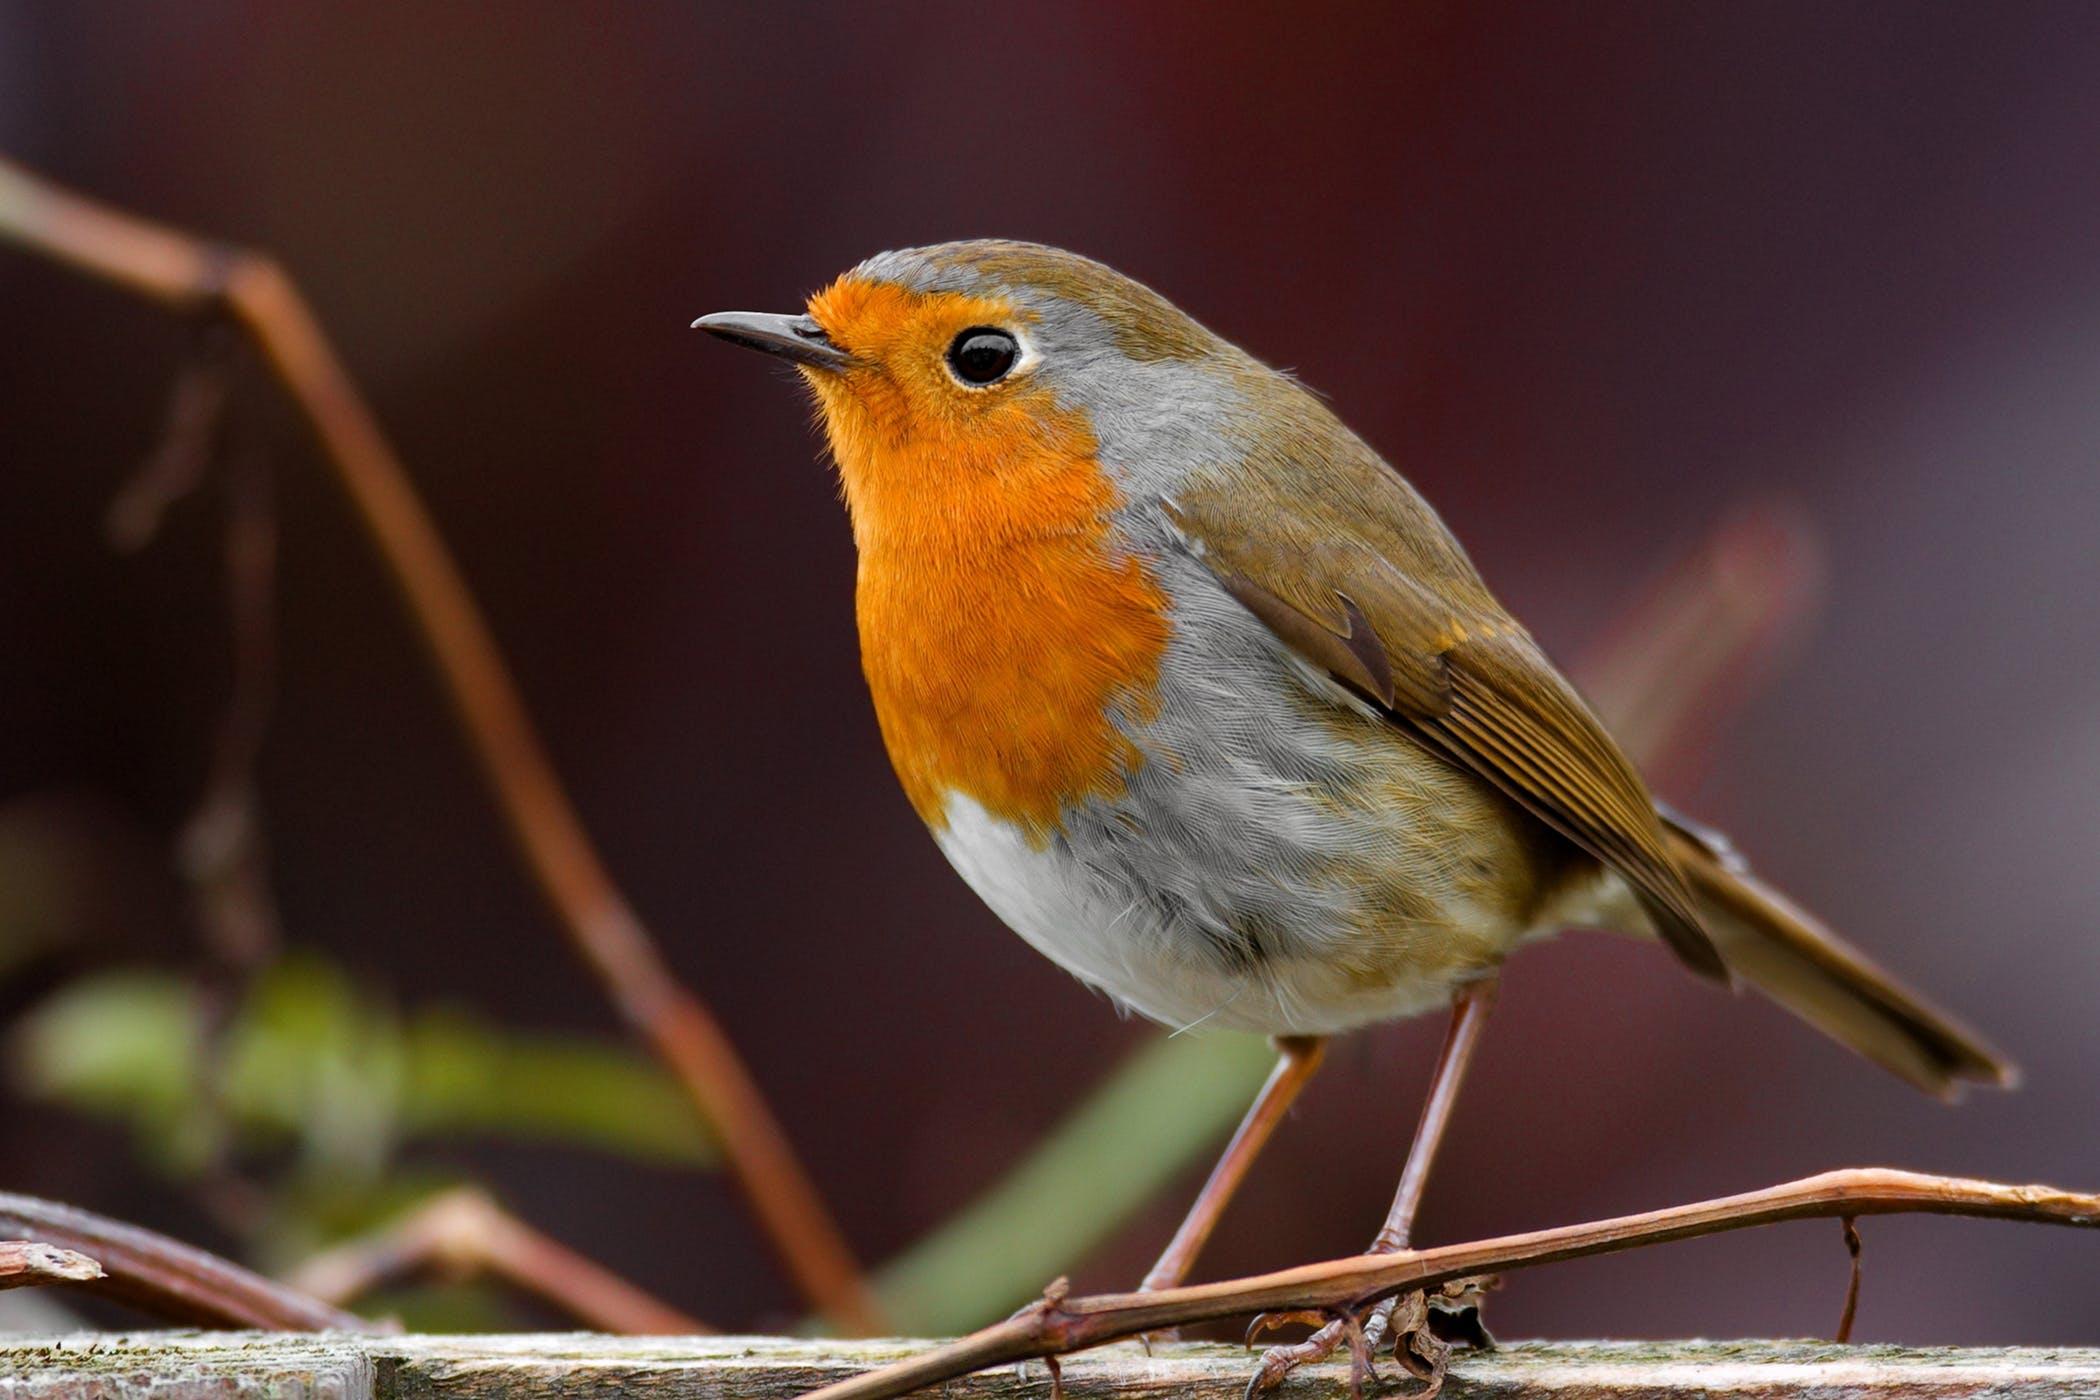 Seizures in Birds